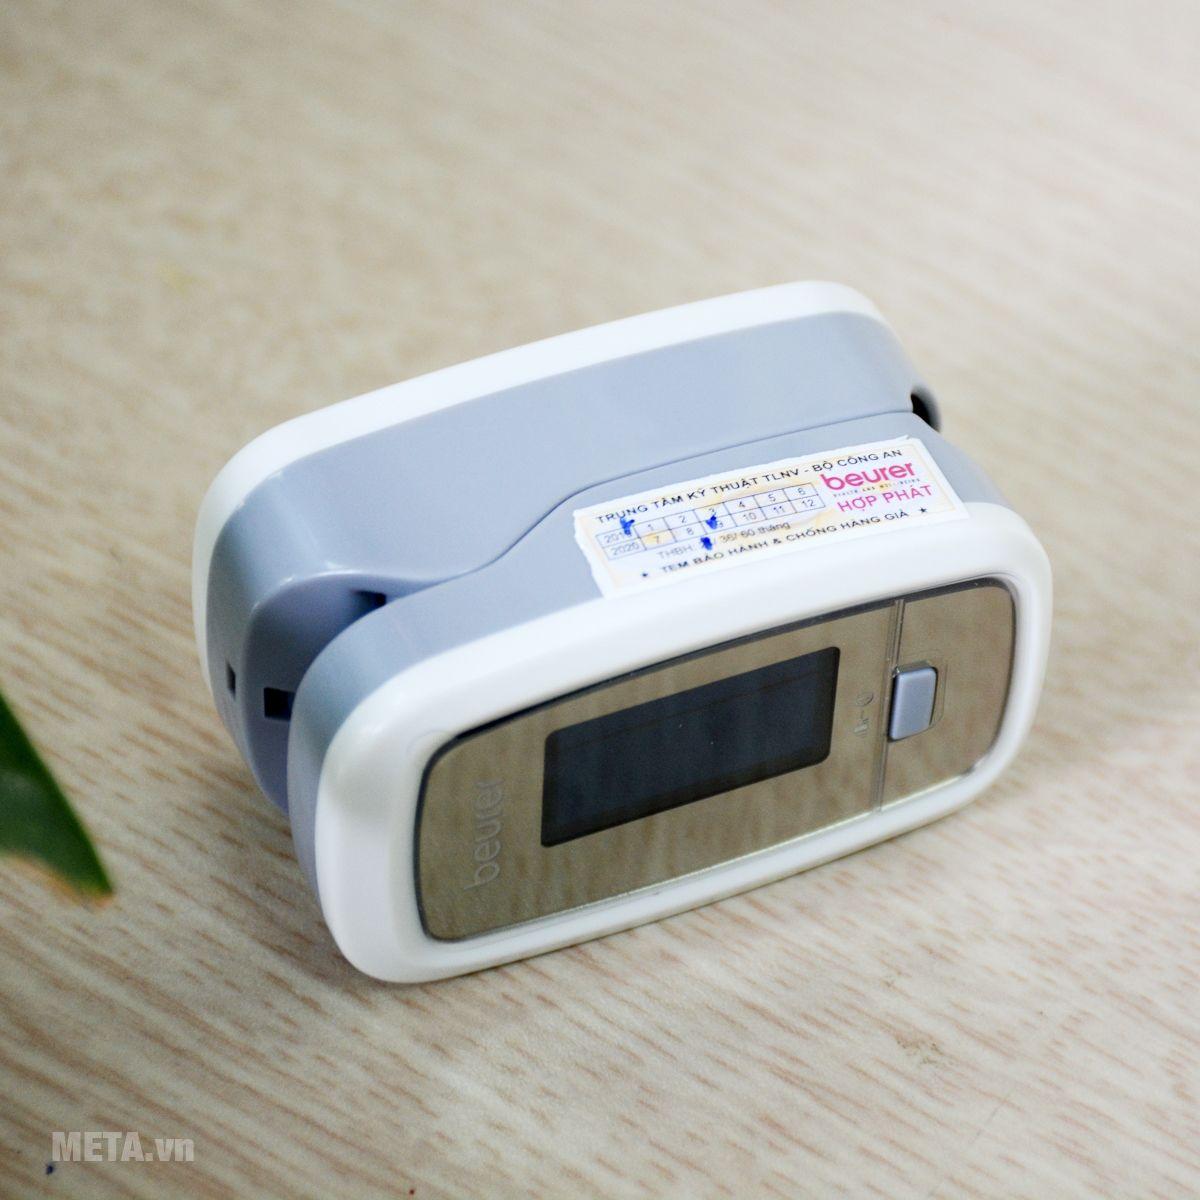 Trọng lượng máy đo nồng độ oxy